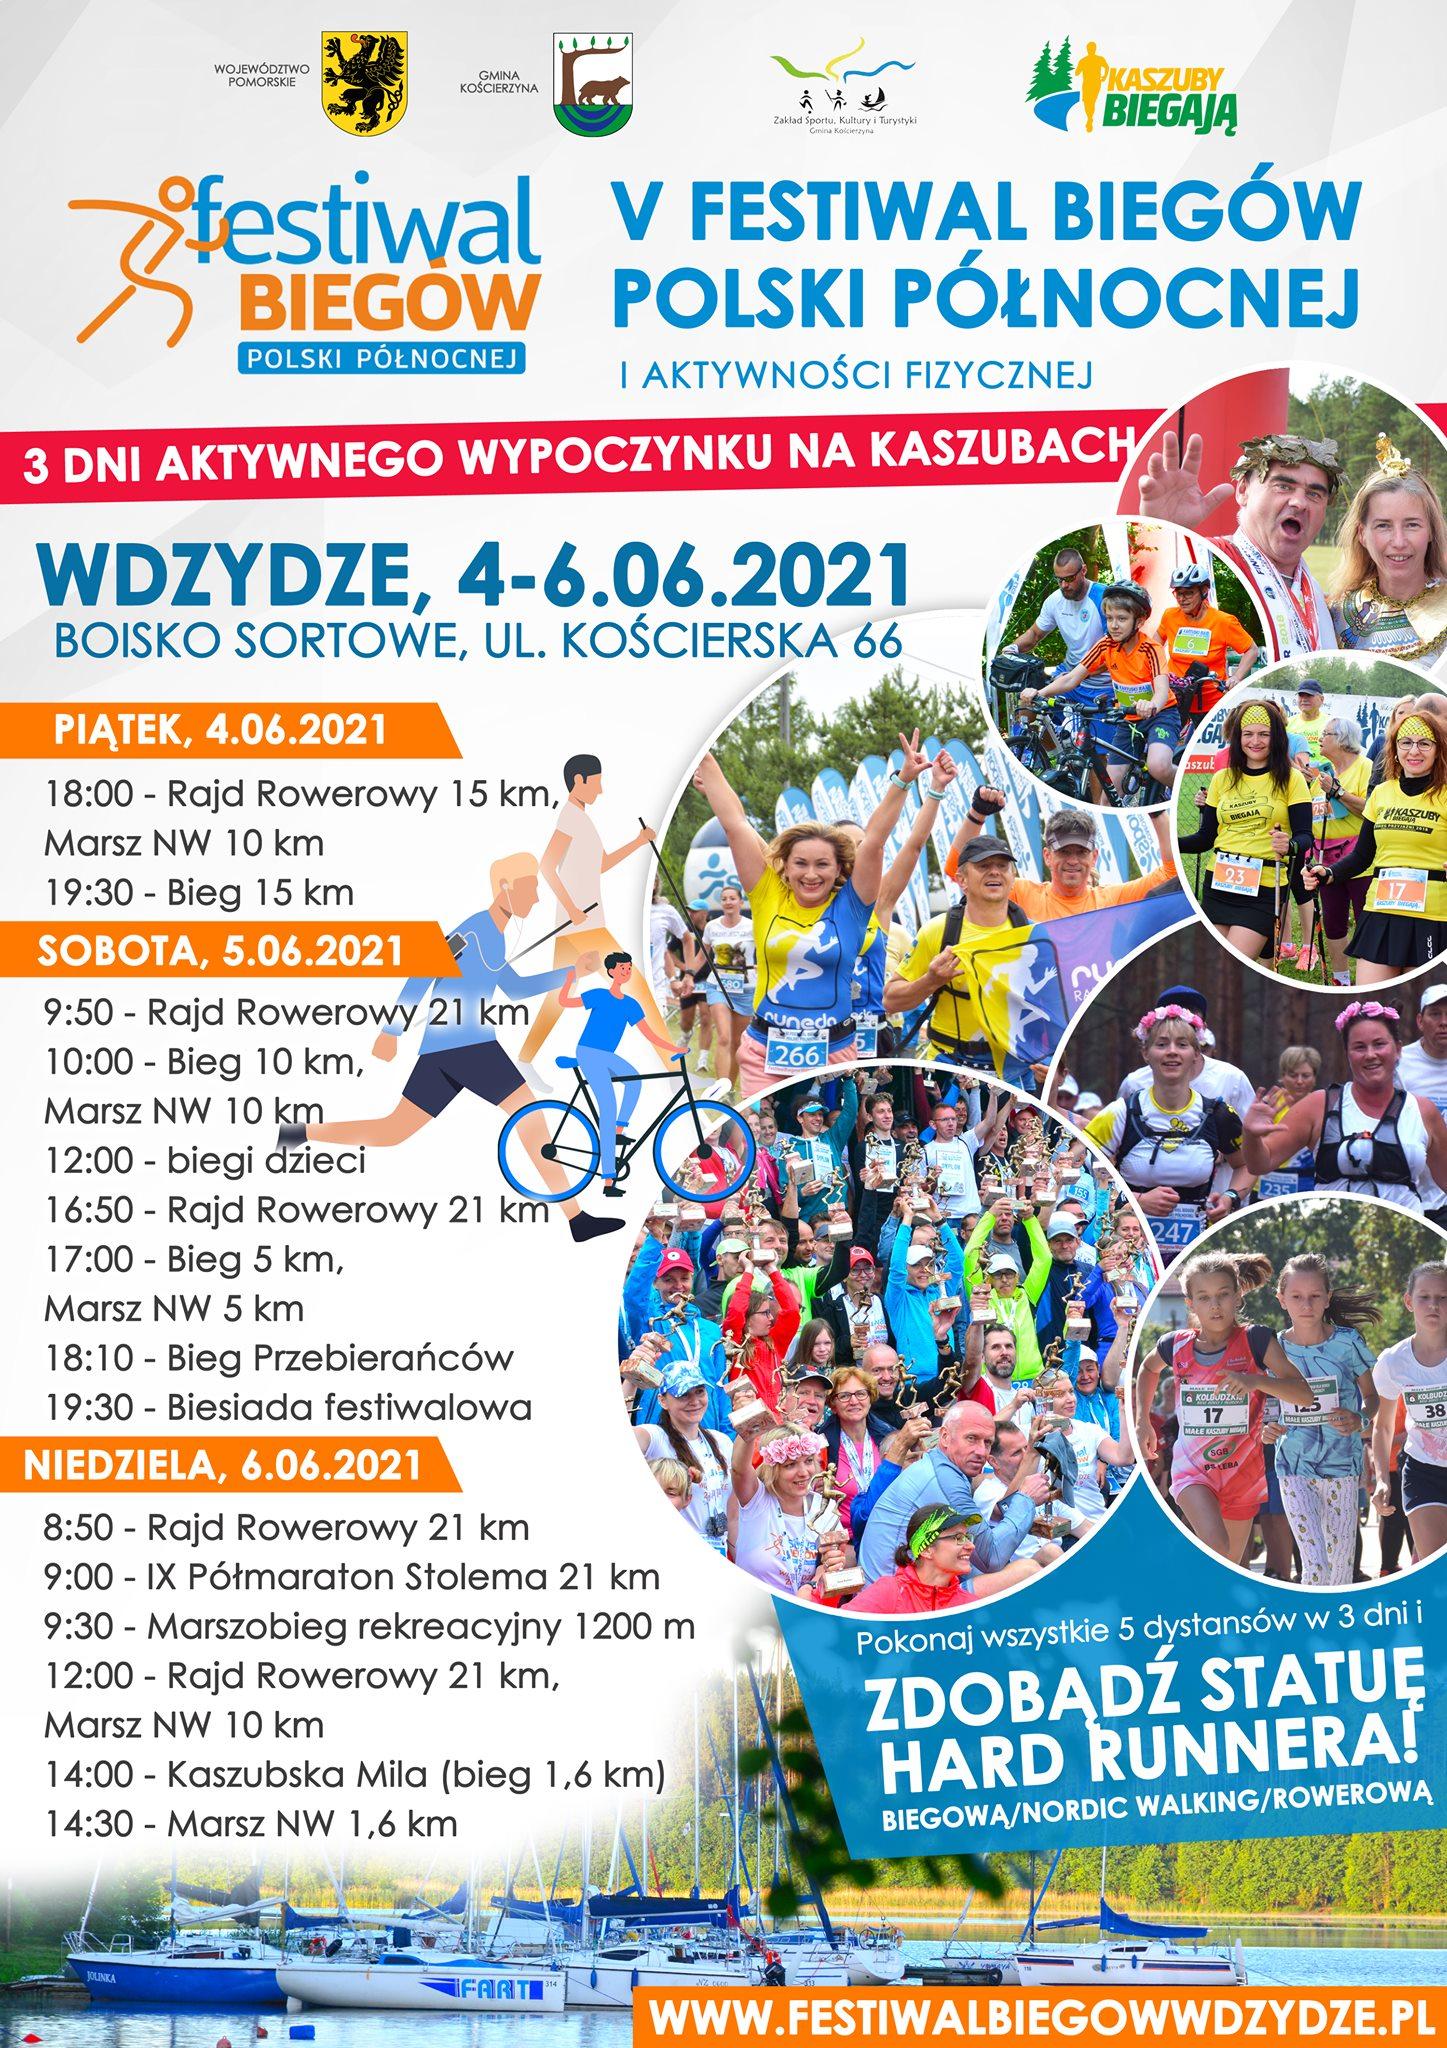 Festiwal Biegów Polski Północnej